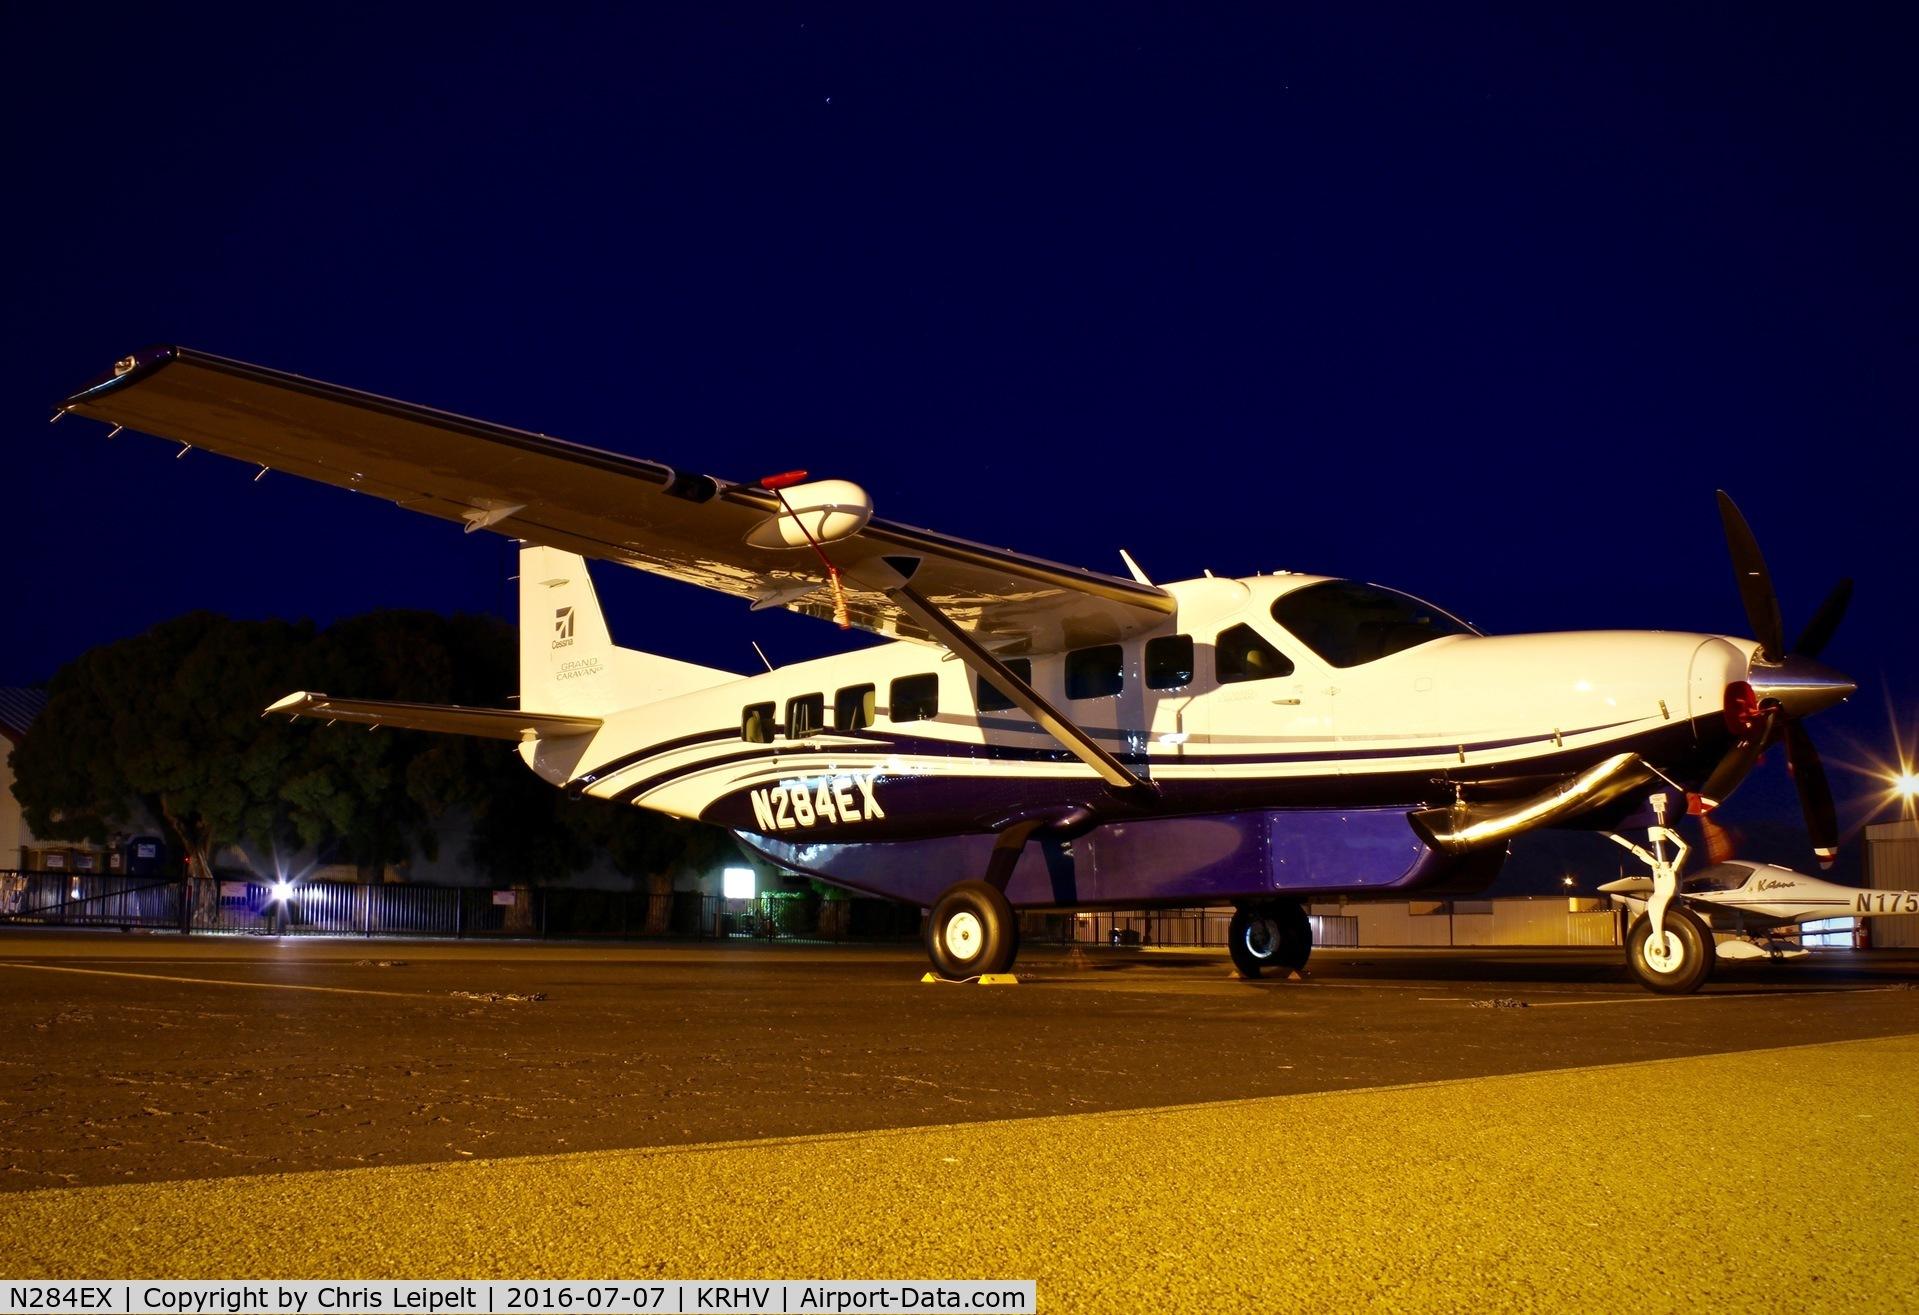 Aircraft N284ex 2016 Cessna 208b Grand Caravan Ex C N 208b5284 Photo By Chris Leipelt Photo Id Ac1208200